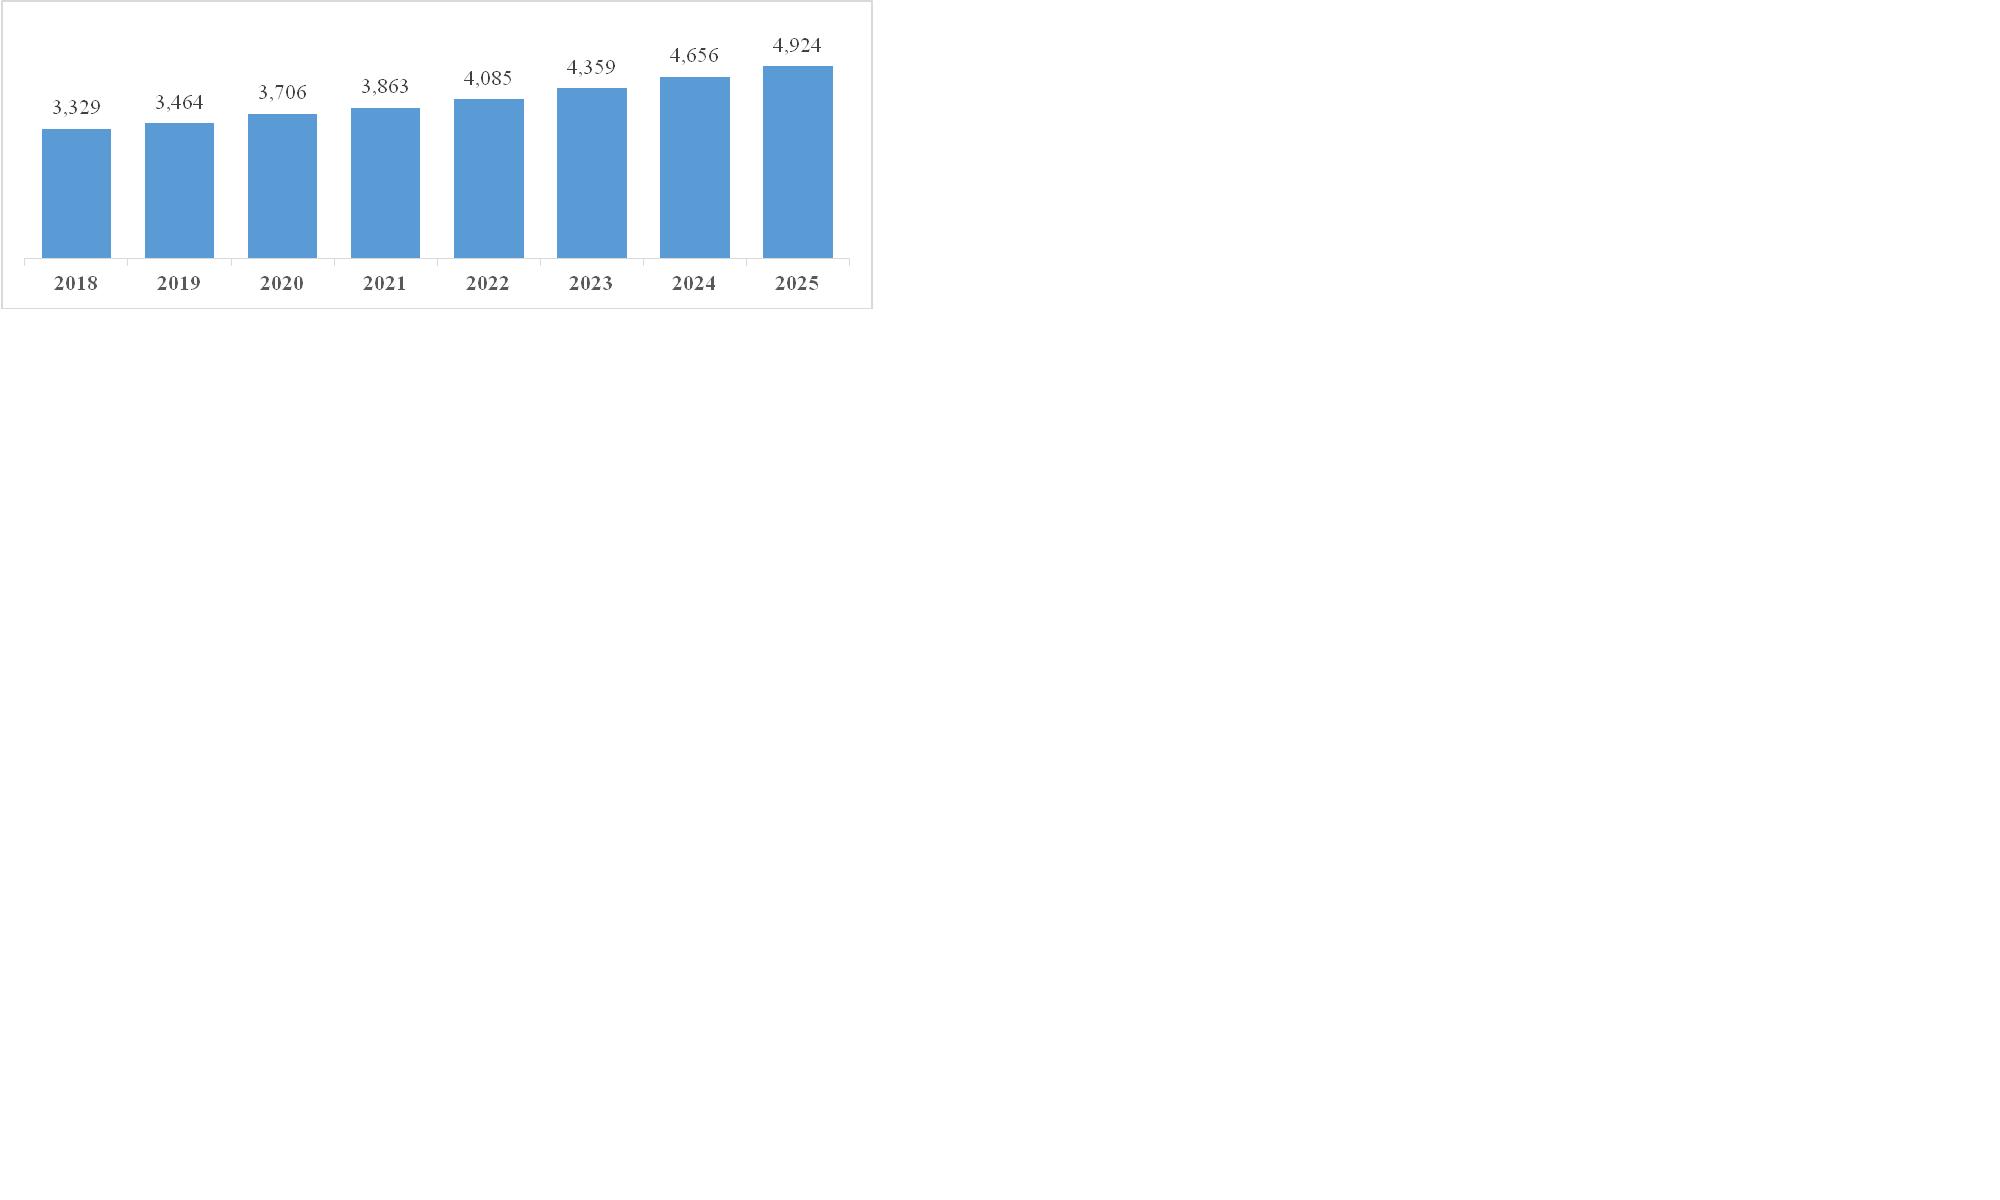 Рисунок 1 Прогнозные значения доходов федерального бюджета США с 2018 по 2025 фин. г. в соответствии с бюджетным планом Д. Трампа (млрд долл.).    Fiscal Year 2021, Historical Tables, Budget of the U.S. Government, Office of Management and Budget budget.gov. Table 1.1, 1,3. Congressional Budget Office, January 2020 Baseline Forecast – Data Release (Calendar Year).